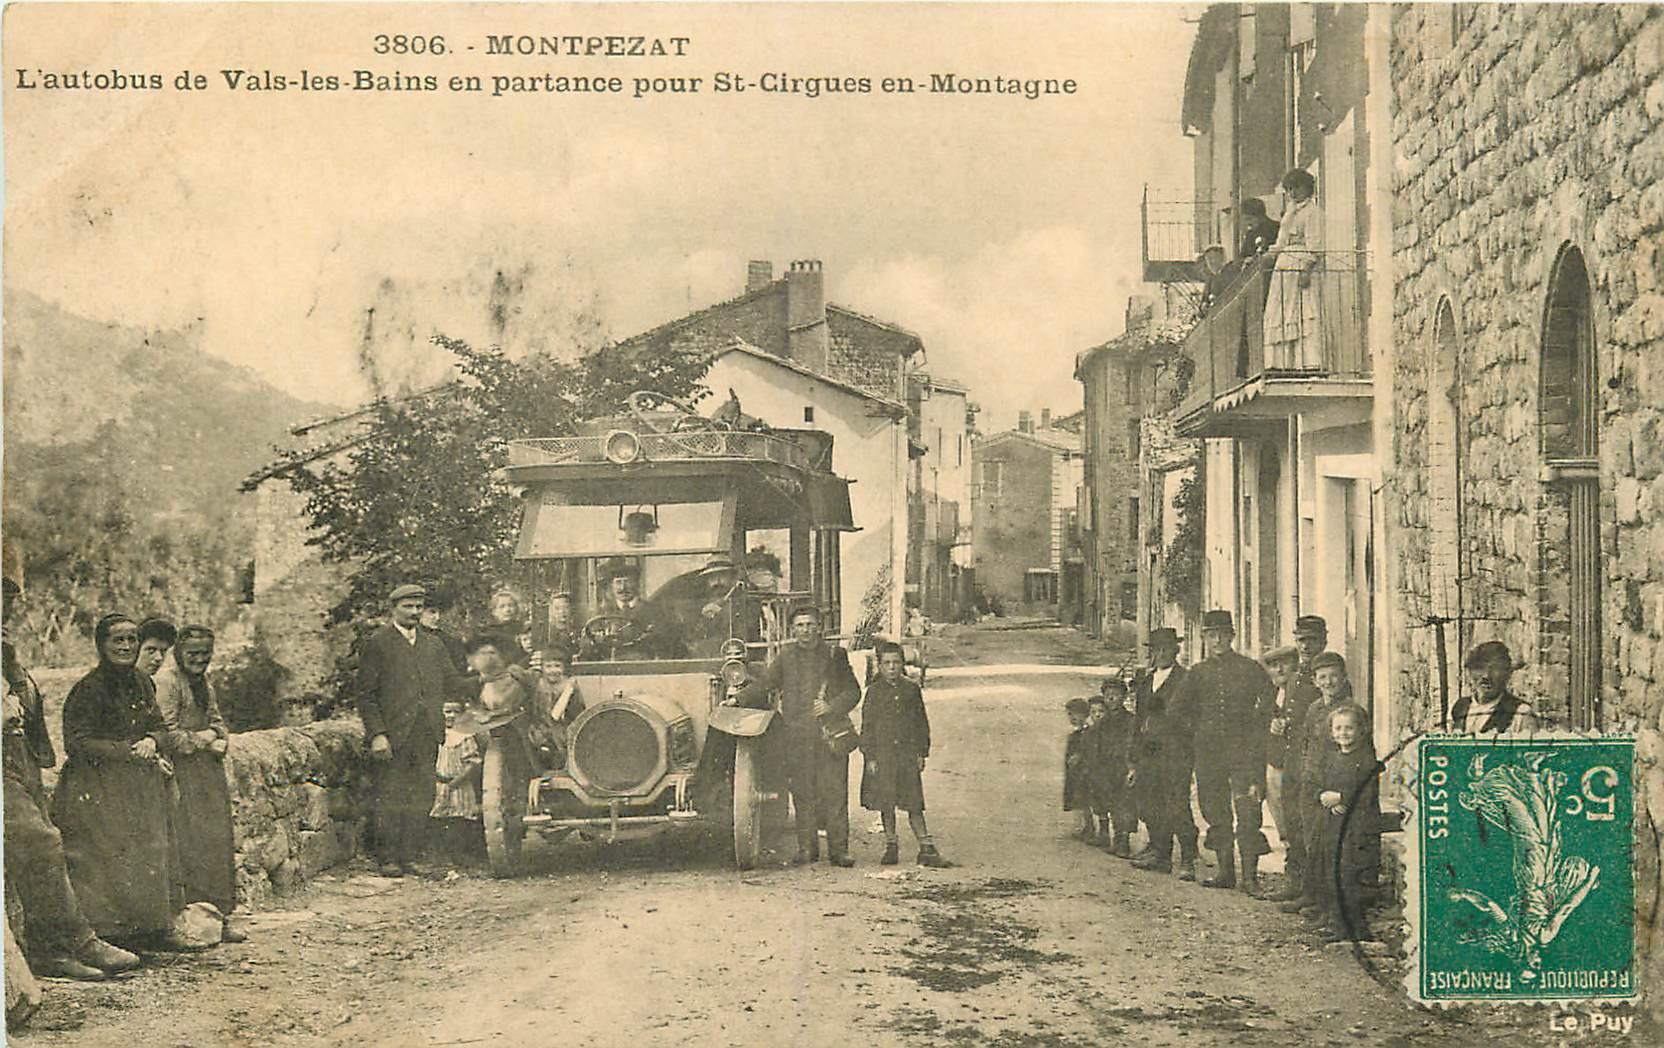 WW 07 MONTPEZAT. Autobus de Vals-les-Bains en partance pour Saint-Cirgues-en-Montagne 1911